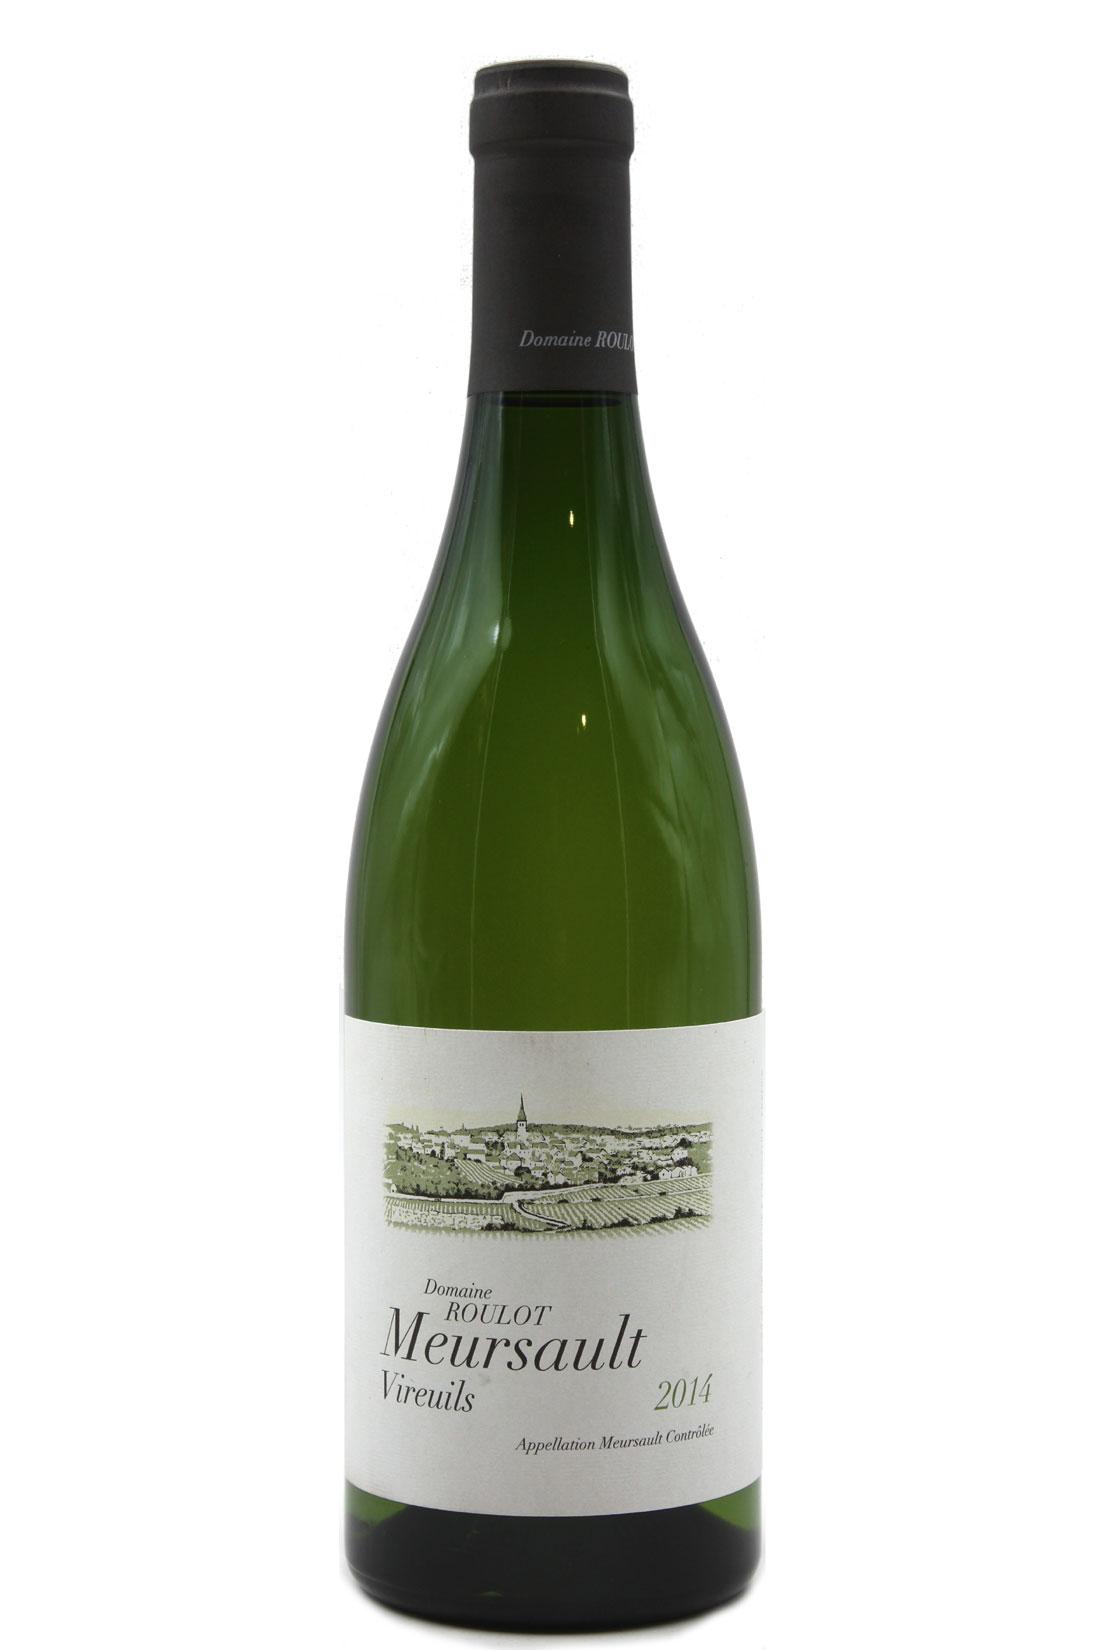 Domaine Roulot Meursault Vireuils 2014 Blanc - 75cl AOC Bourgogne